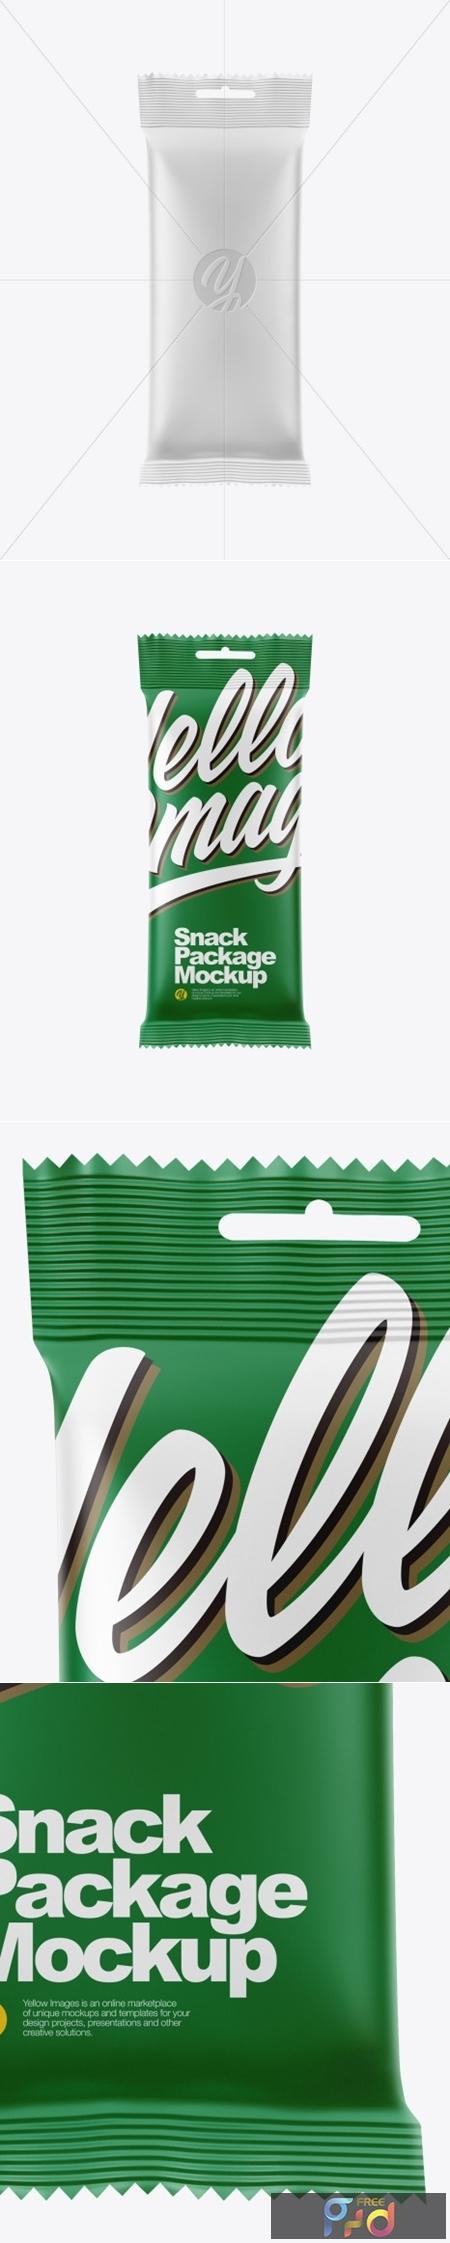 Snack Package Mockup 50390 1